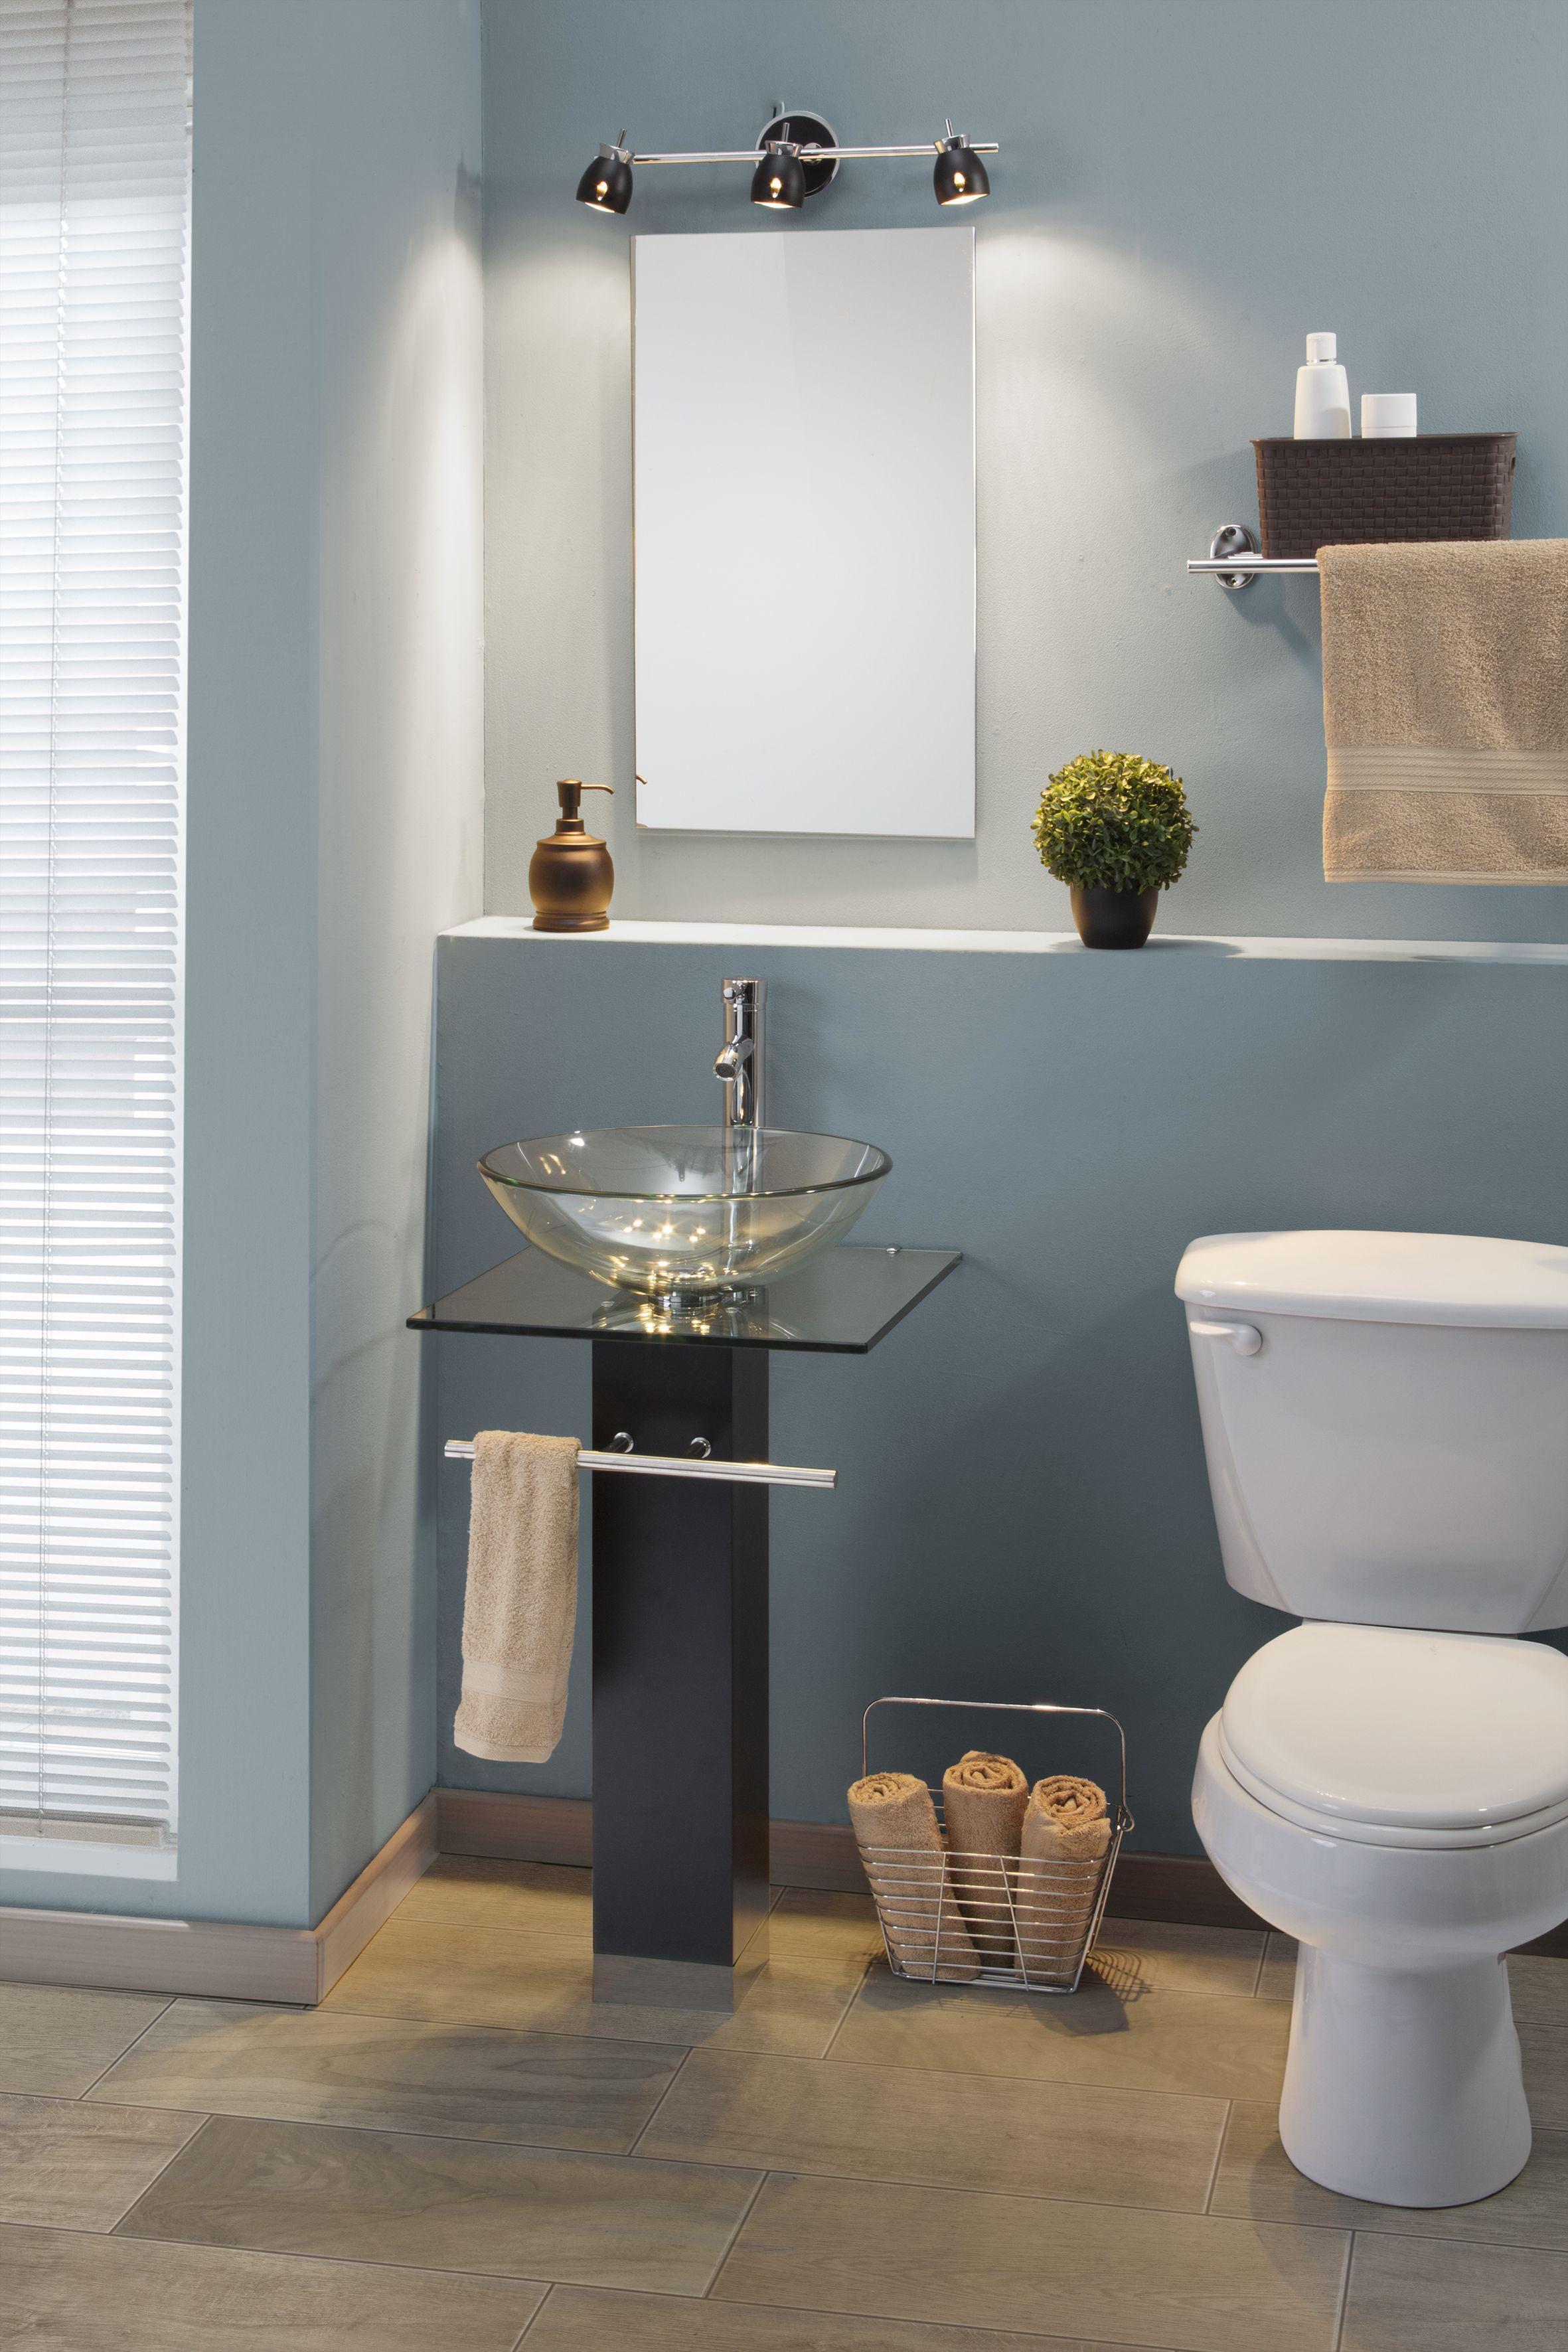 Gabinete para ba o maki que incluye lavabo de vidrio for Gabinete de almacenamiento de bano barato